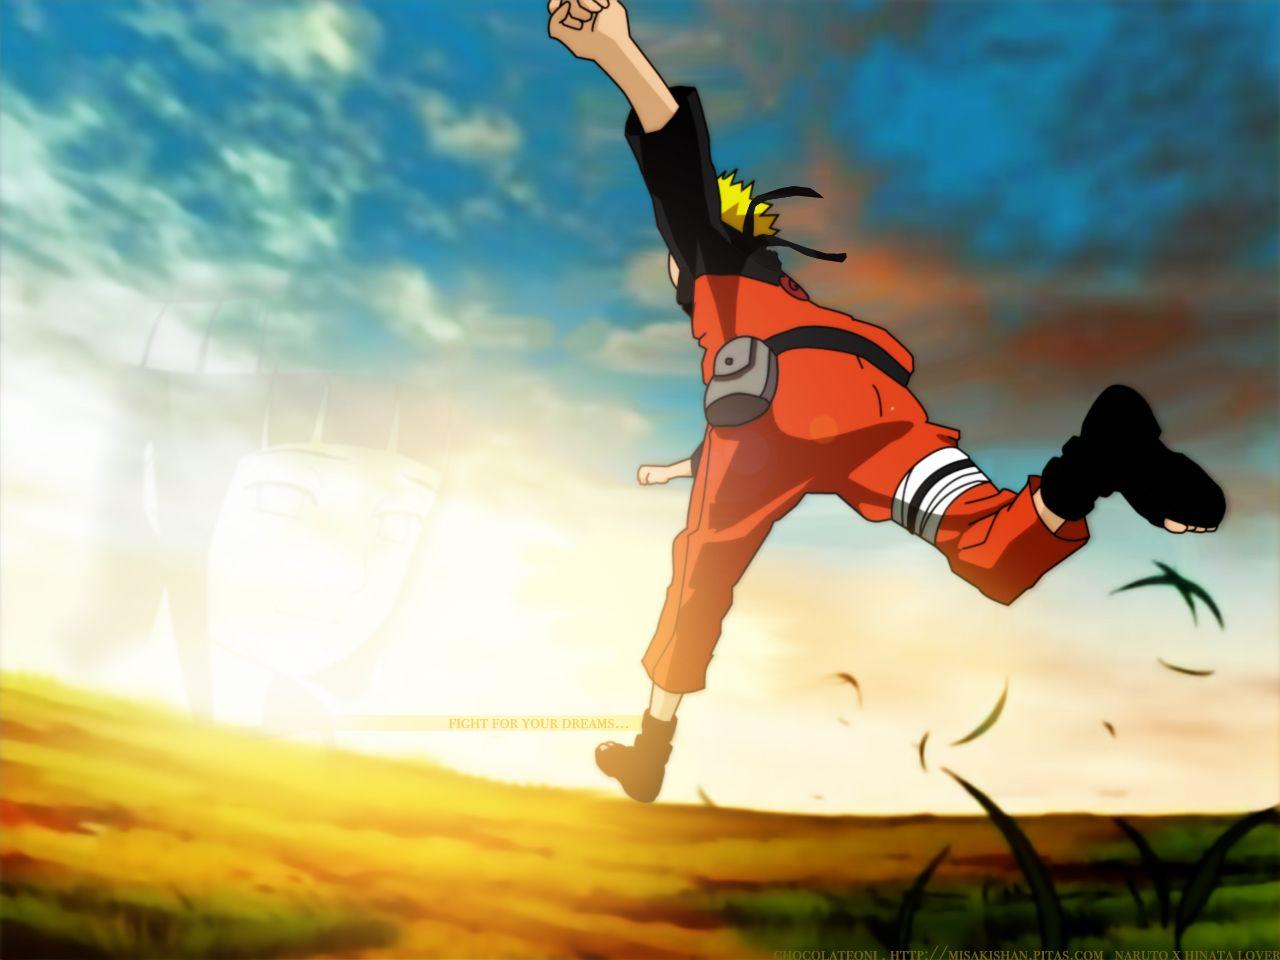 Naruto Hd Wallpaper Saqibsomal Naruto Wallpaper Naruto Pictures Best Naruto Wallpapers